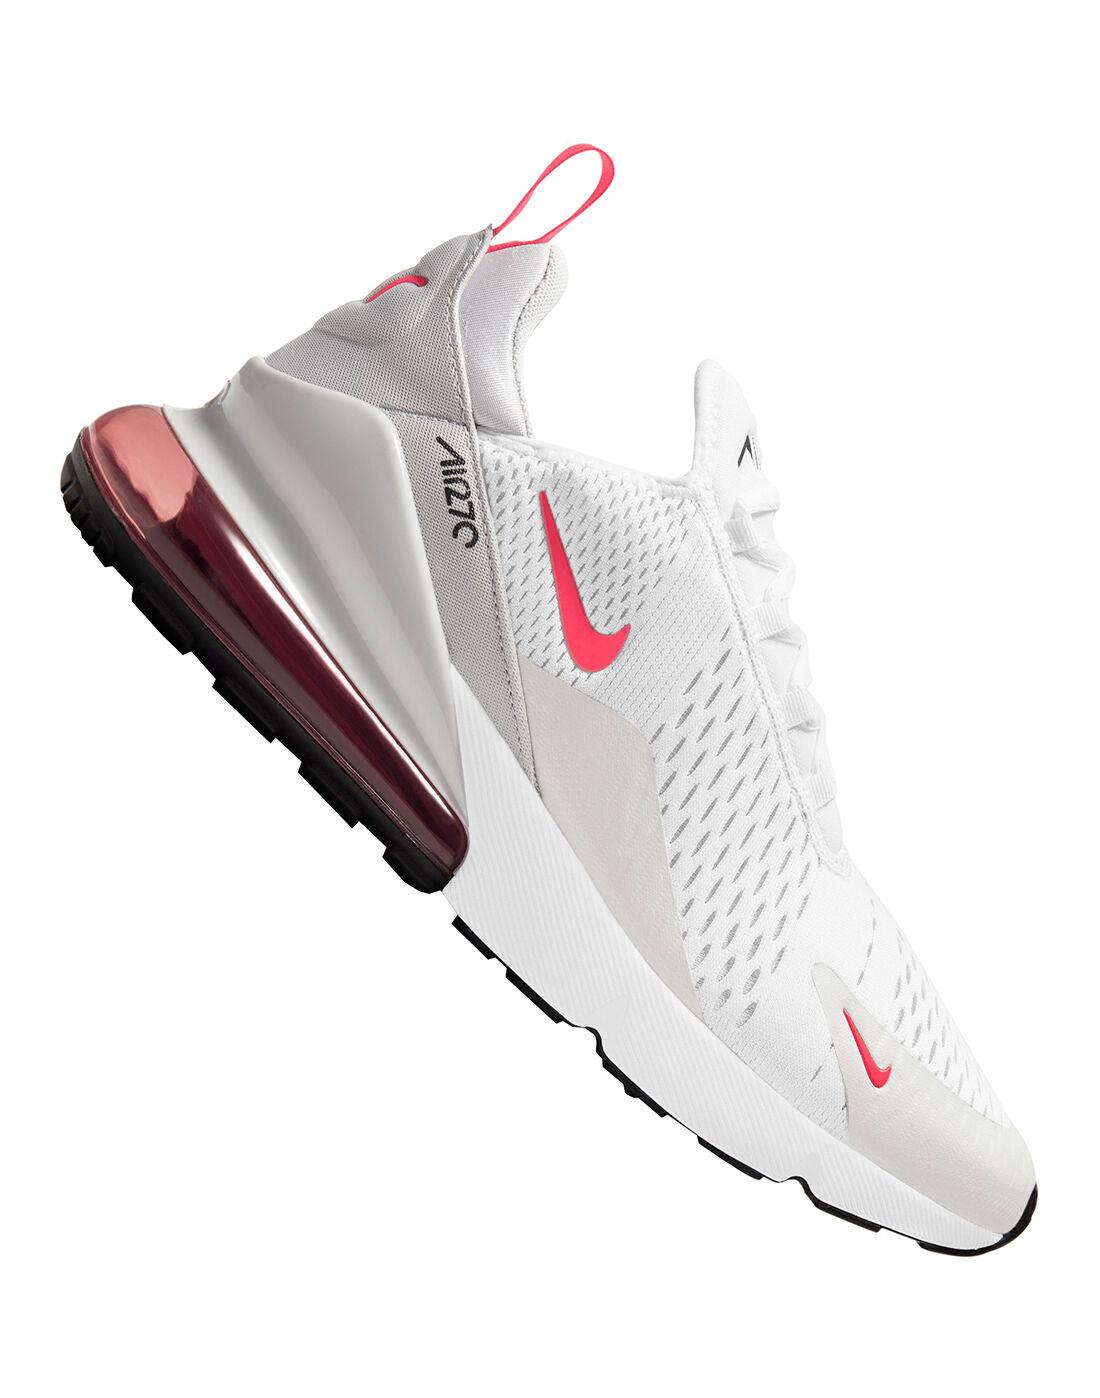 Nike mens adidas swift running shoes | Mens Air Max 270